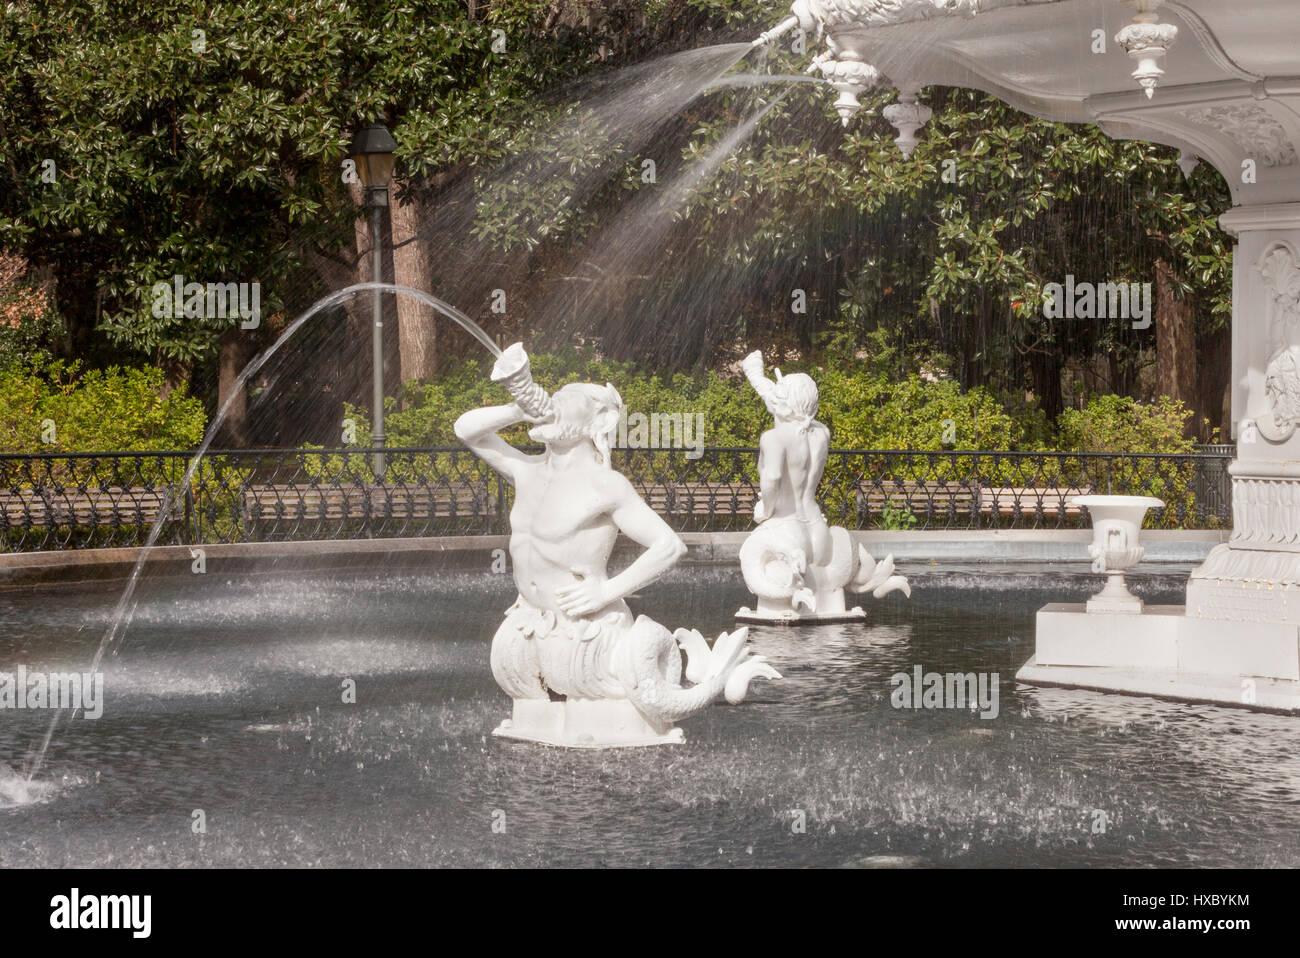 Fountain, Forsyth Park, Savannah, GA, USA - Stock Image